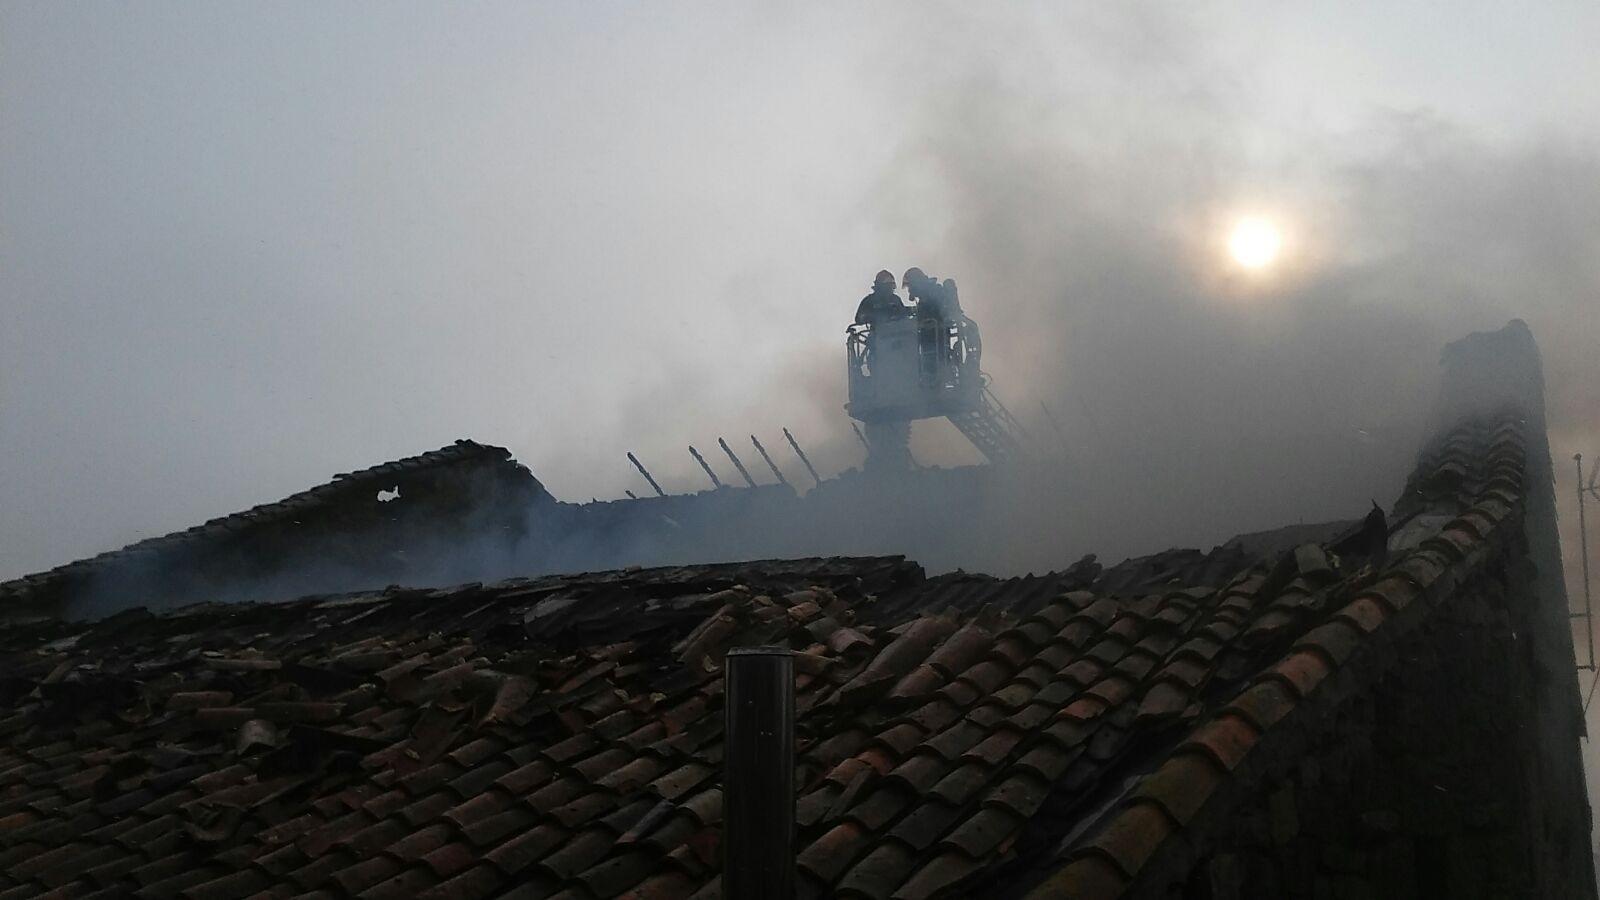 Mueren veinte cabezas de ganado en un incendio en una cuadra de Campoo de Yuso